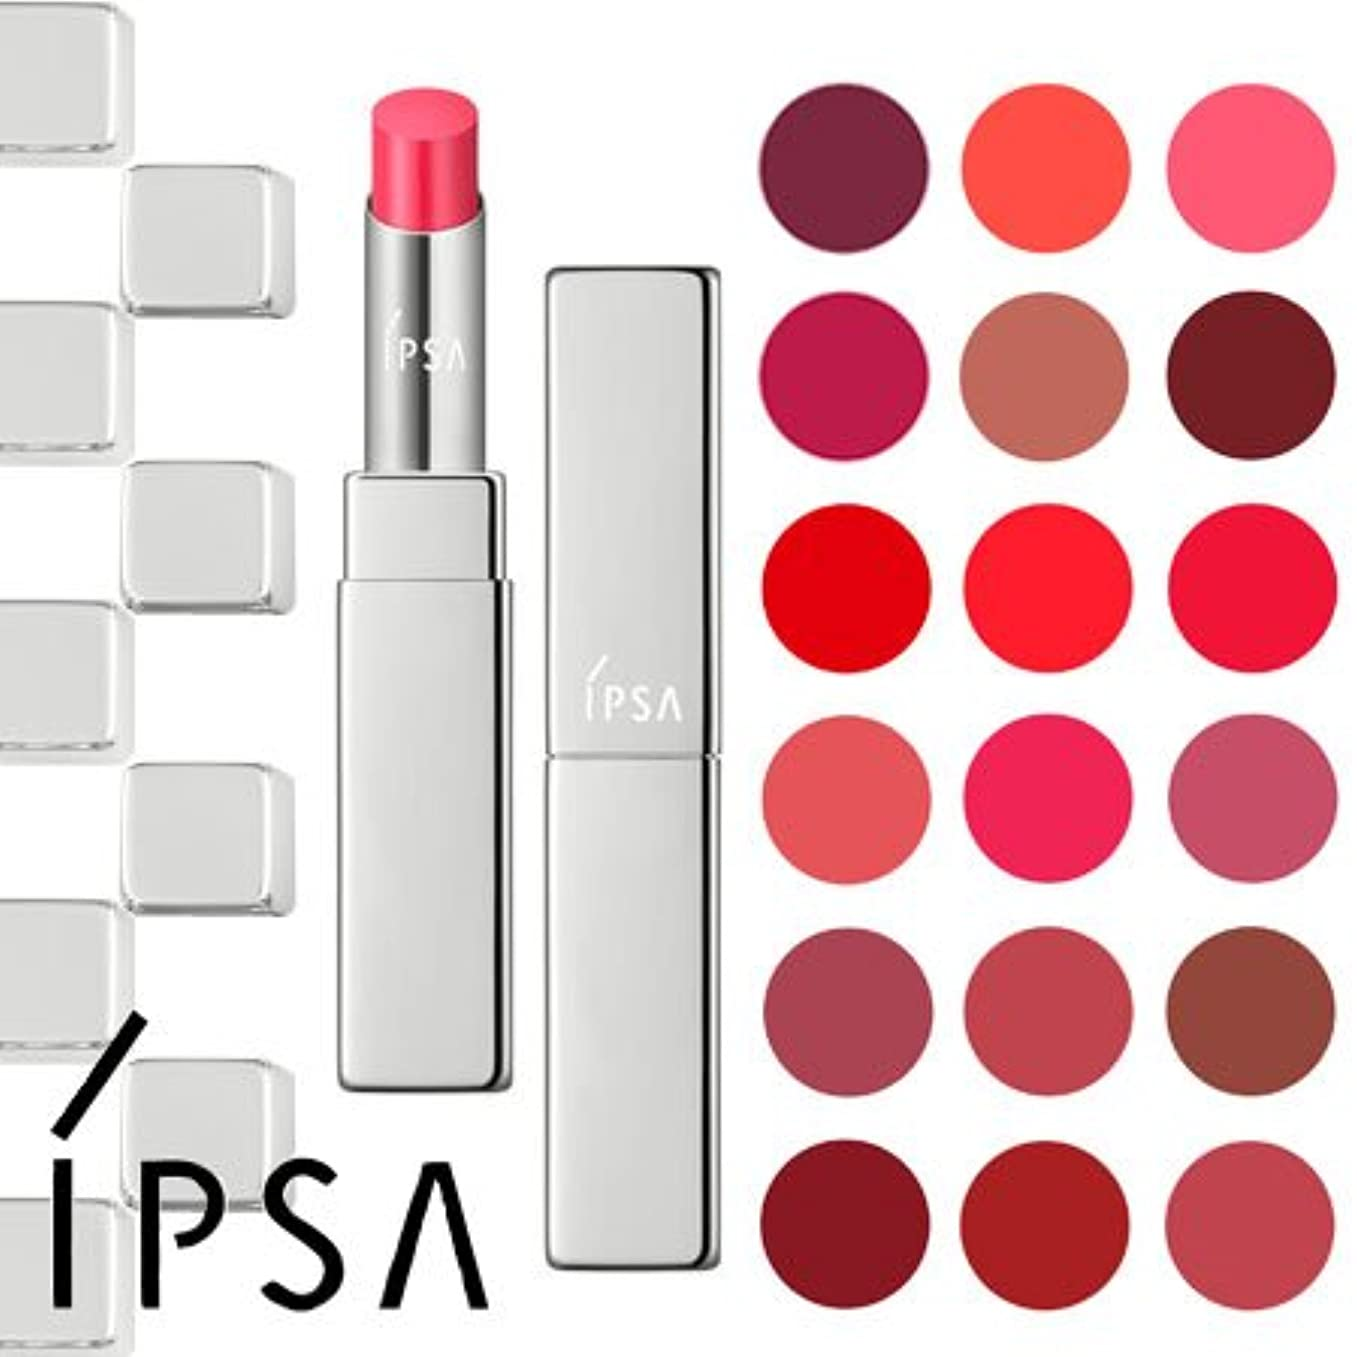 はず表示薬理学イプサ リップスティック -IPSA- C10